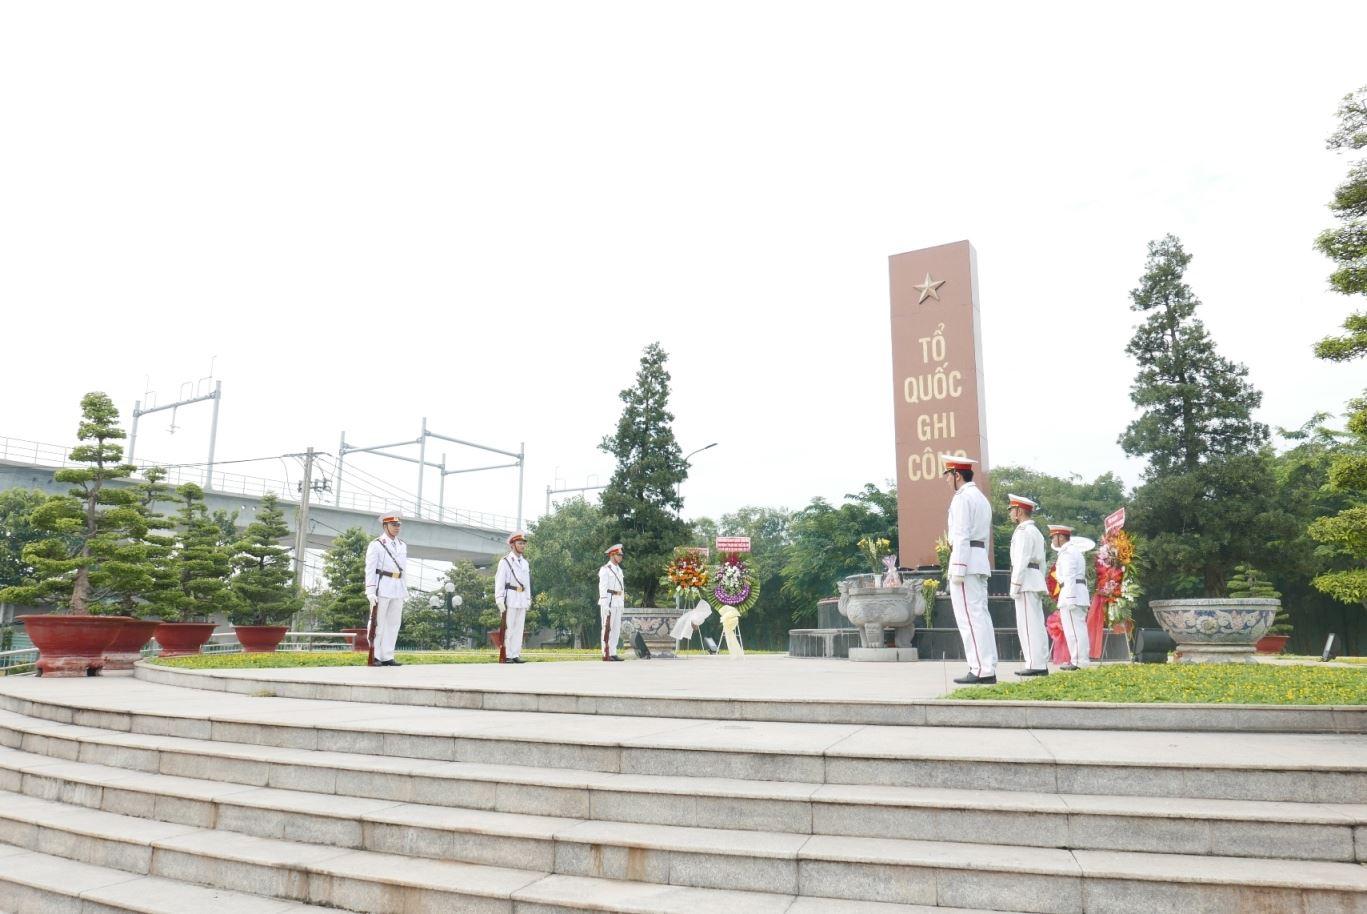 cc1-mekong-kinh-nho-anh-hung-liet-sy-27-07-19 (8)